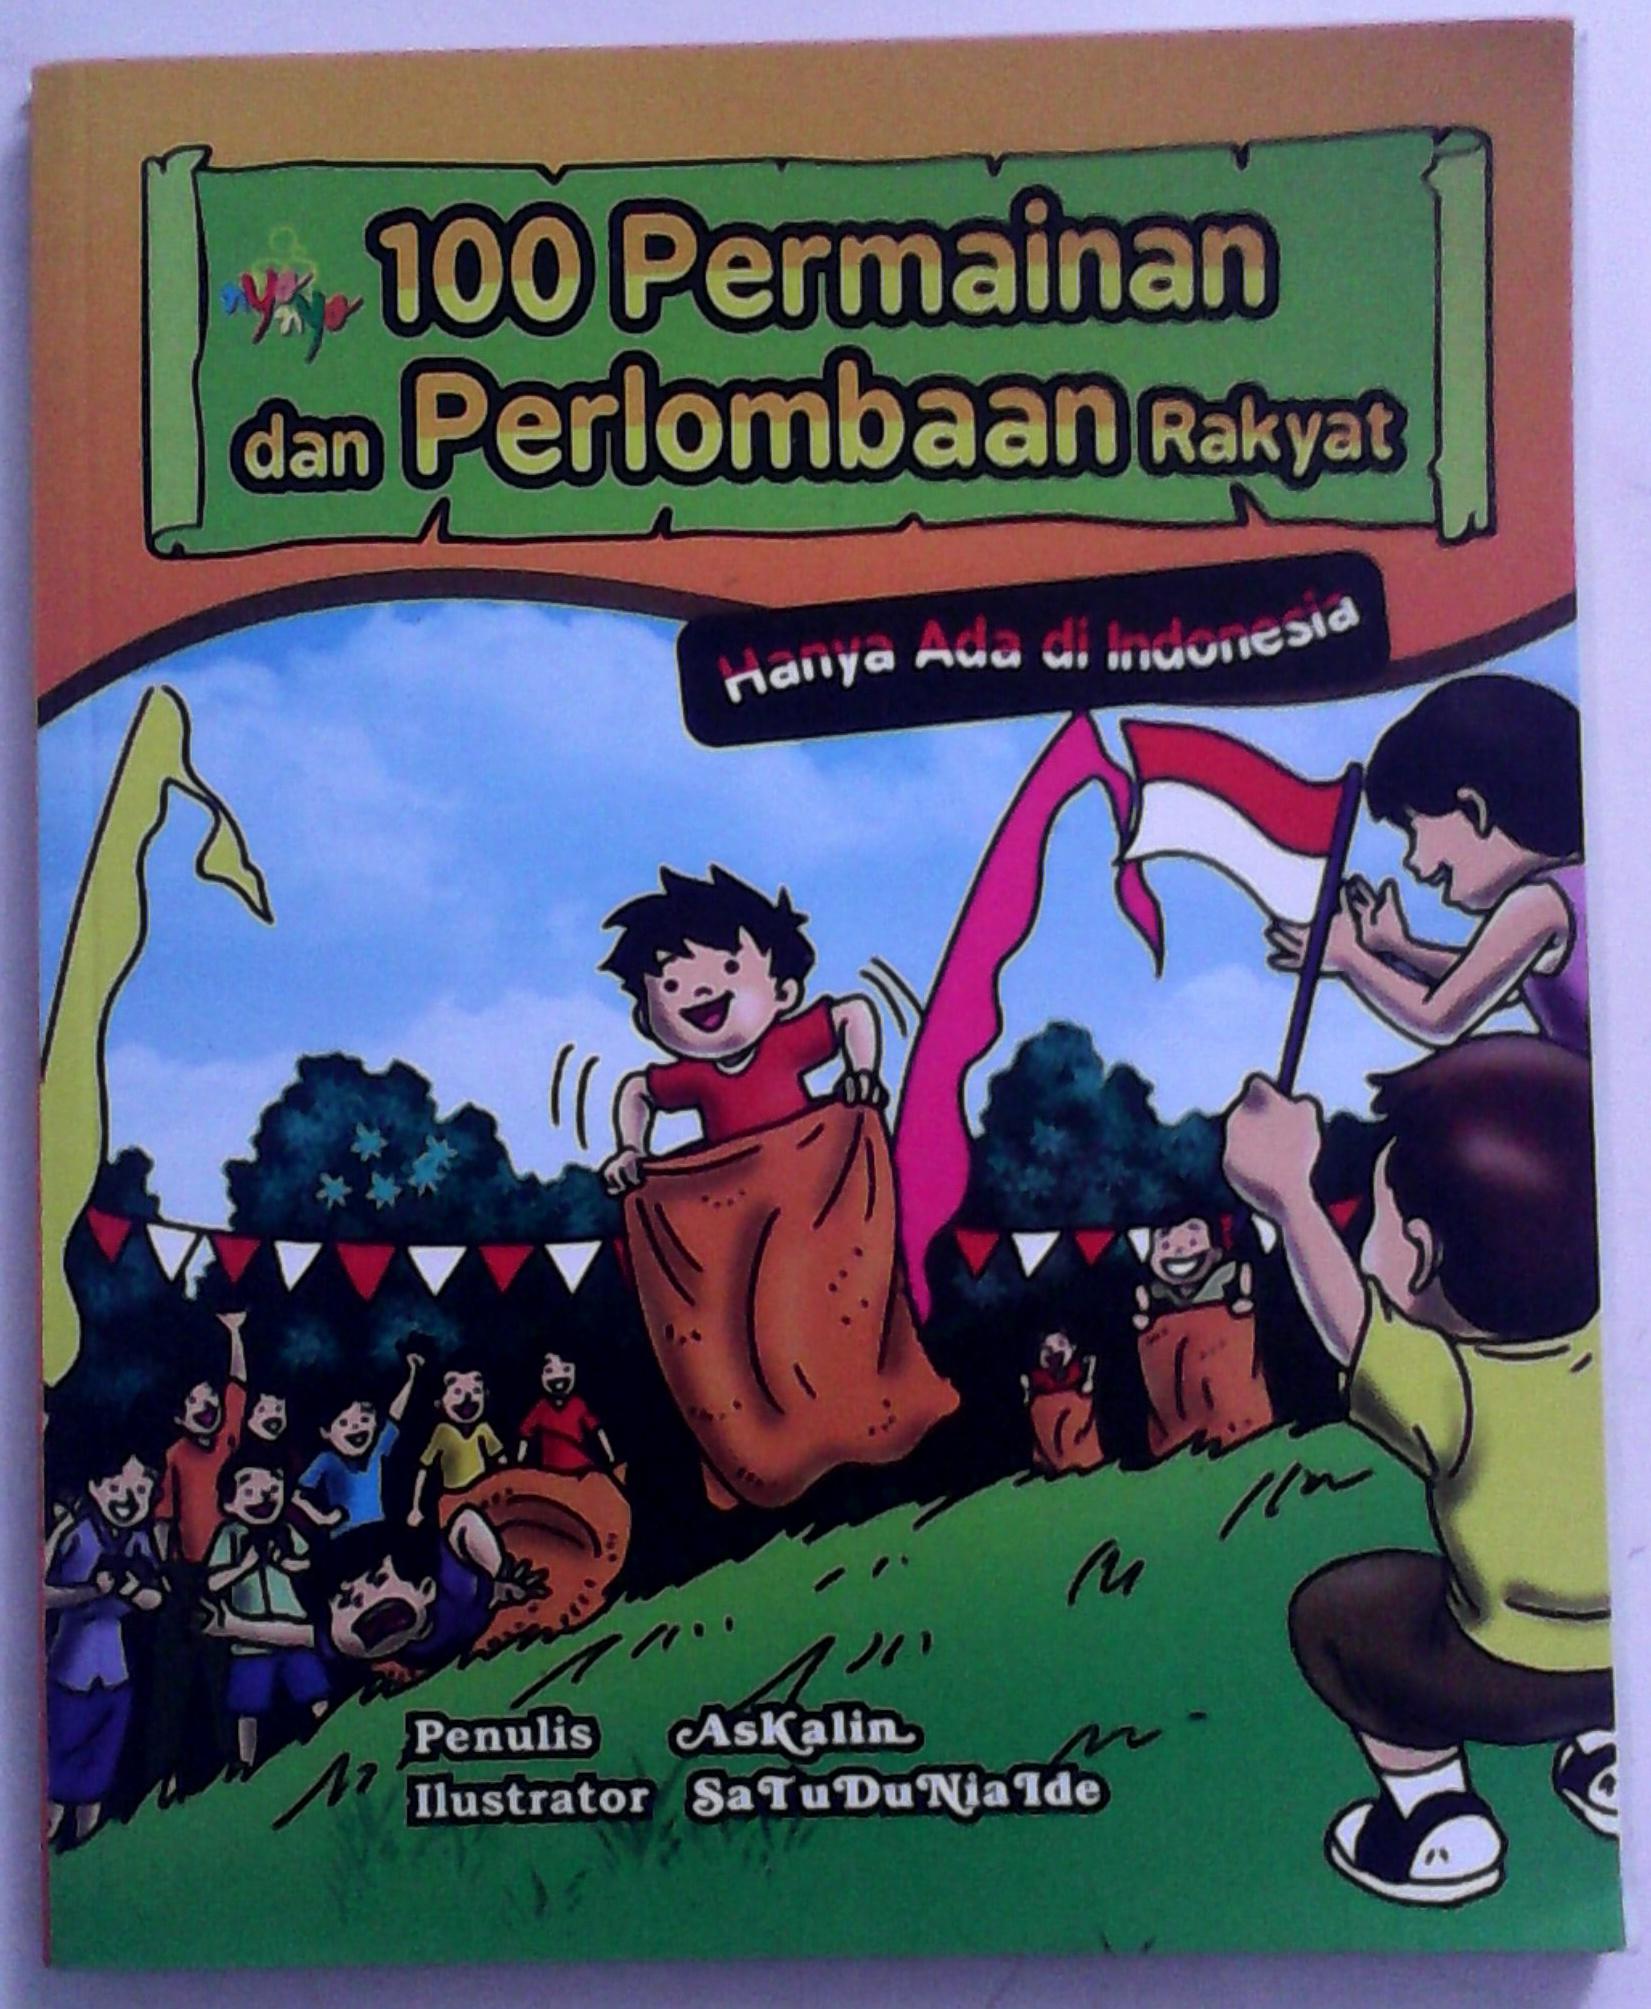 Askalin 2013 100 Permainan dan Perlombaan Rakyat